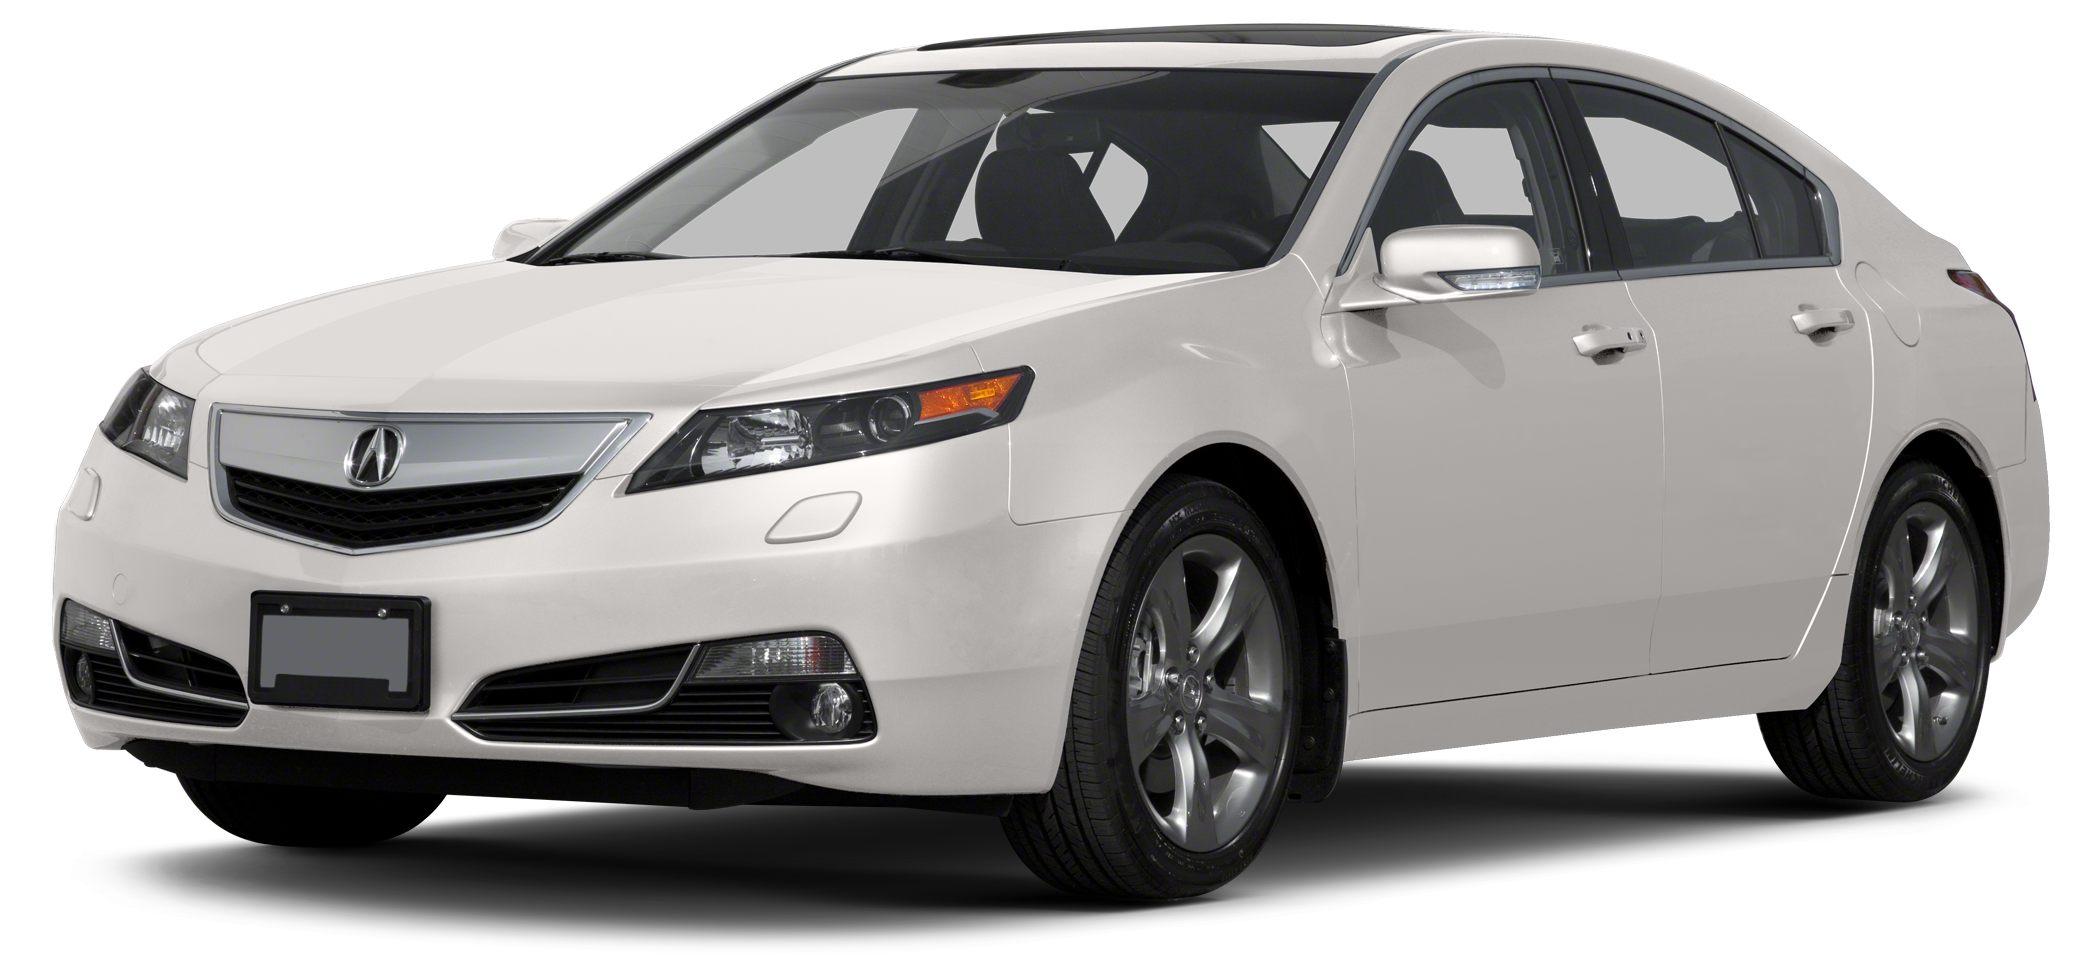 2013 Acura TL 35 Miles 33057Color Bellanova White Pearl Stock M6526 VIN 19UUA8F2XDA010879